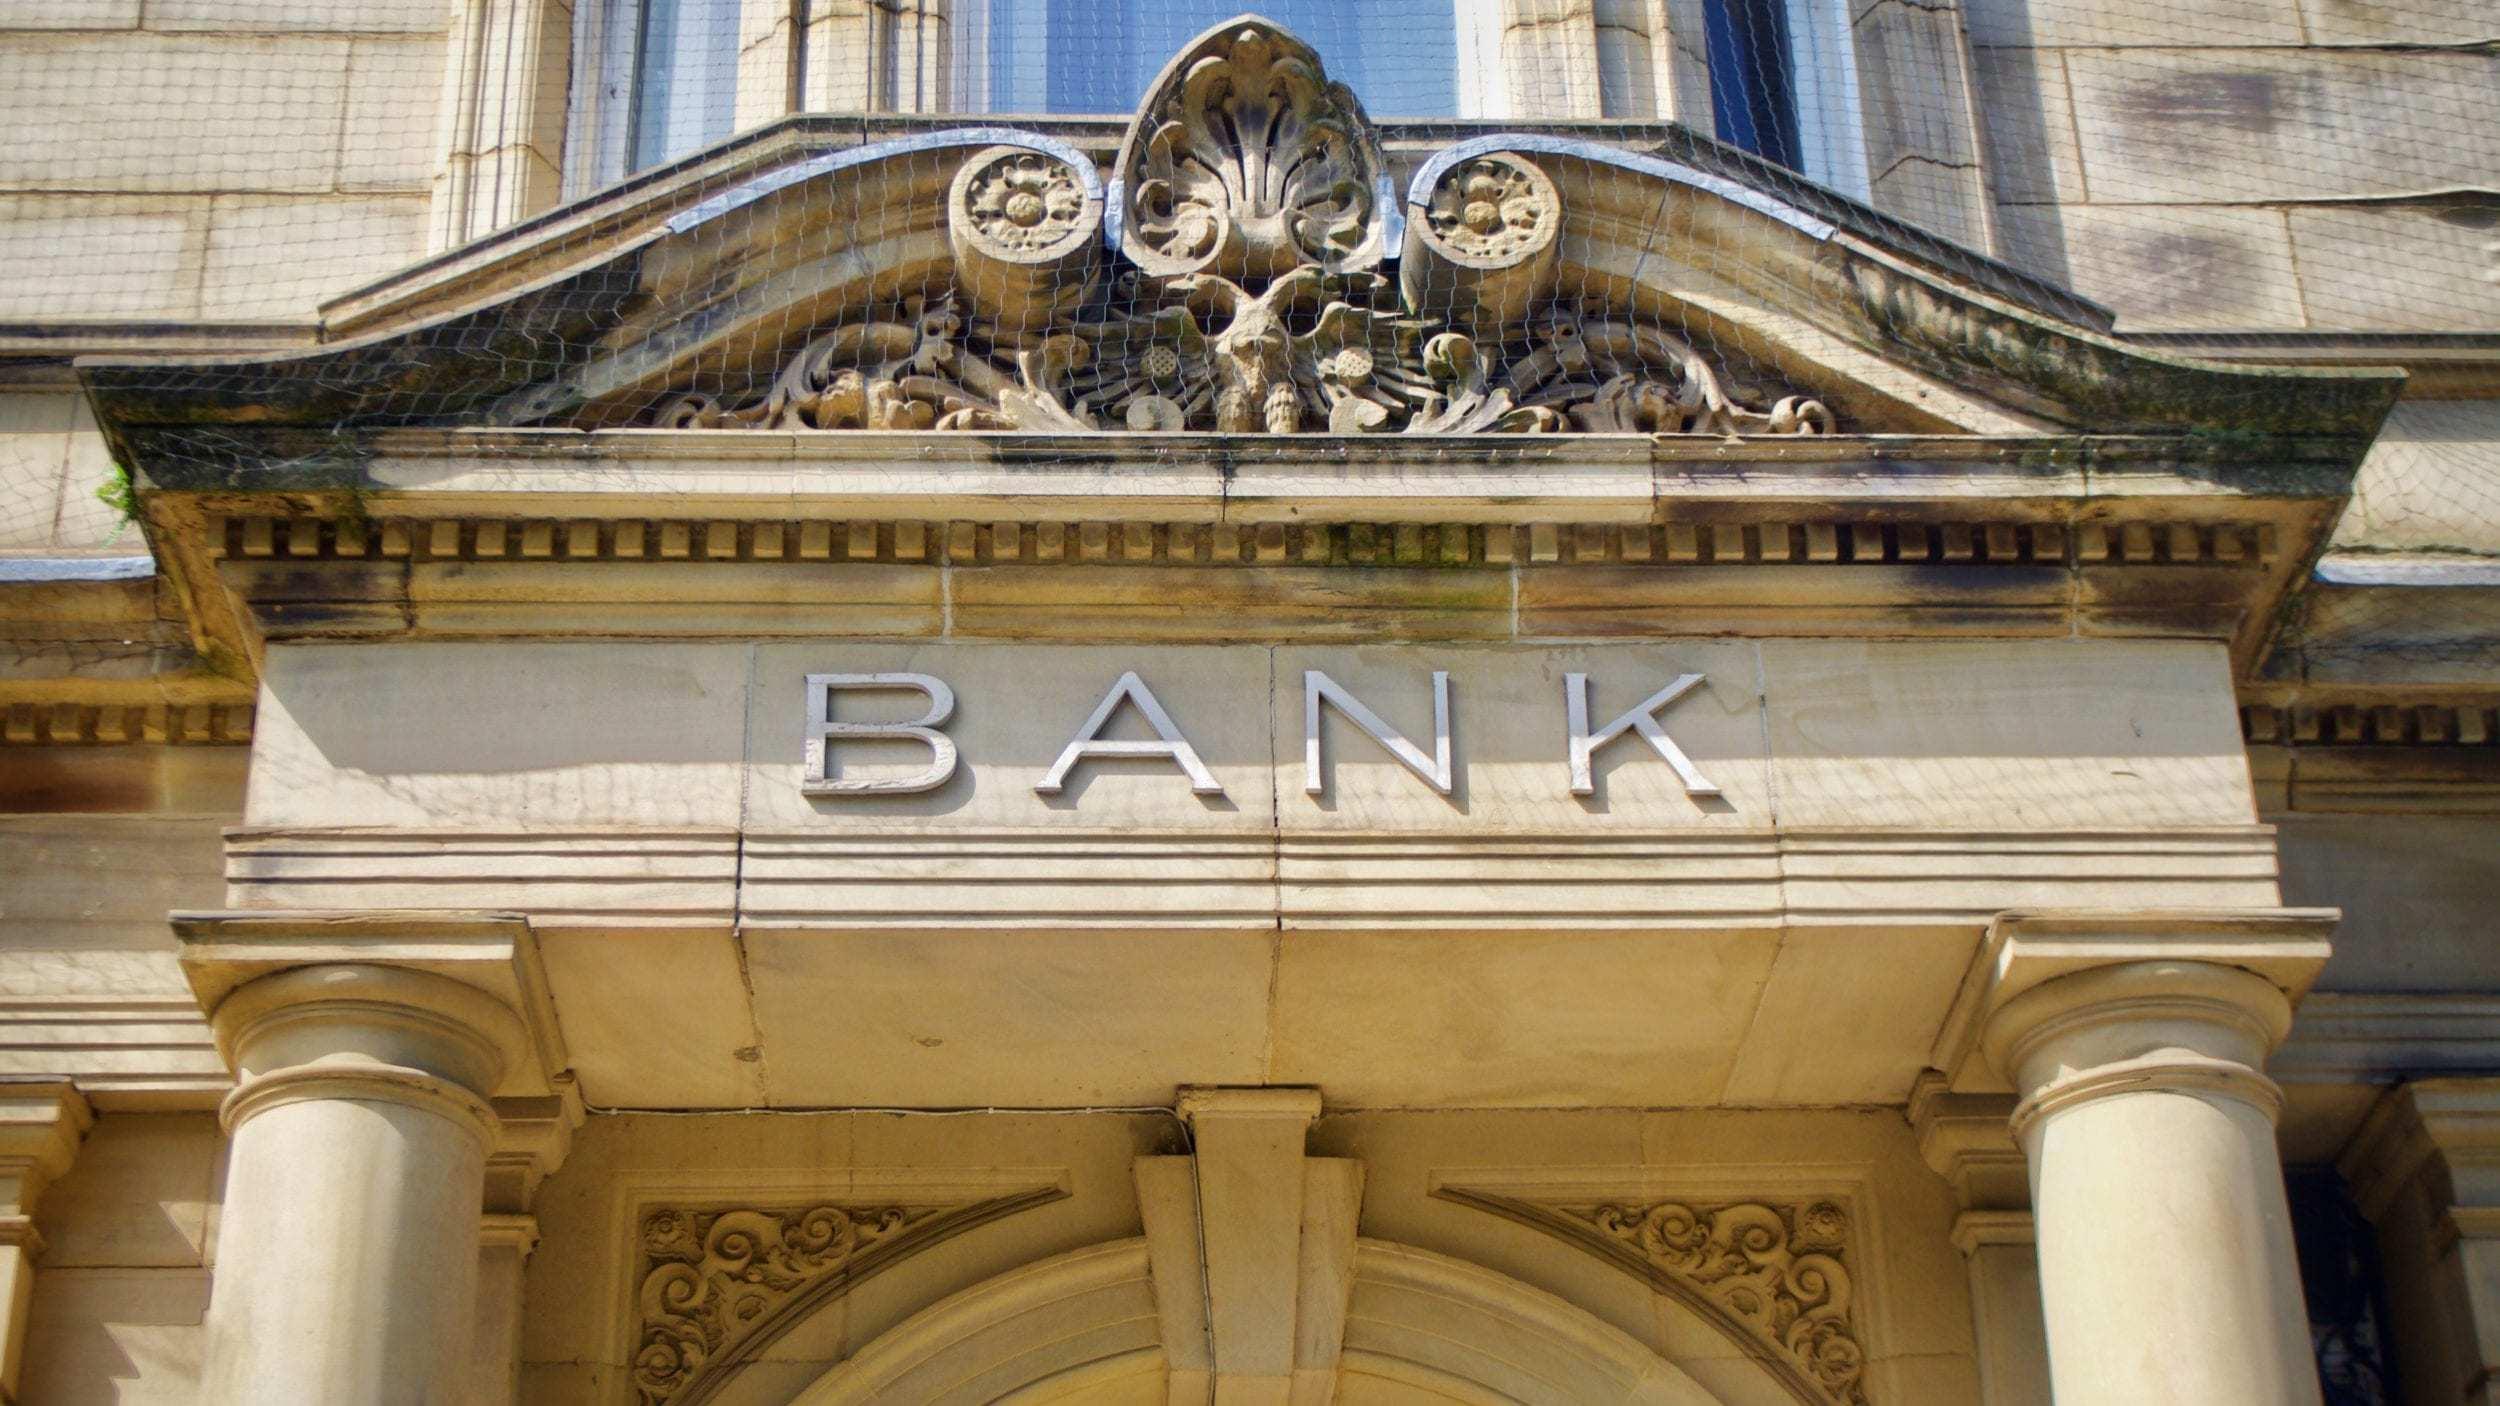 ADIF ləğv prosesində olan banklarla bağlı Nazirlər Kabinetinə məktub ünvanlayıb